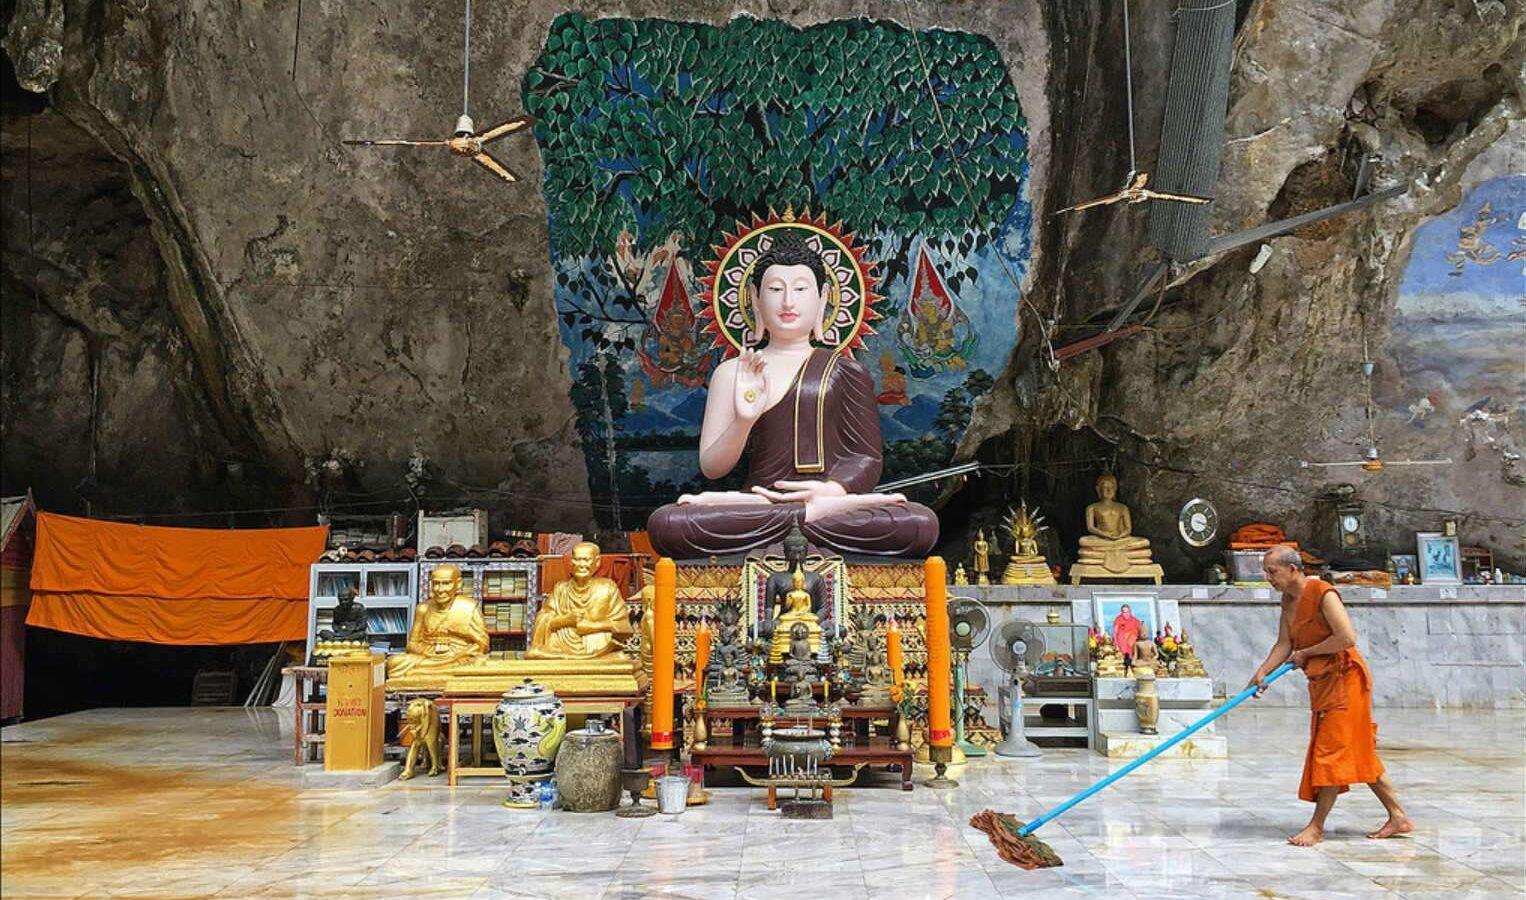 Tempel in grot bij Wonderland met een monnik die de vloer dweilt.